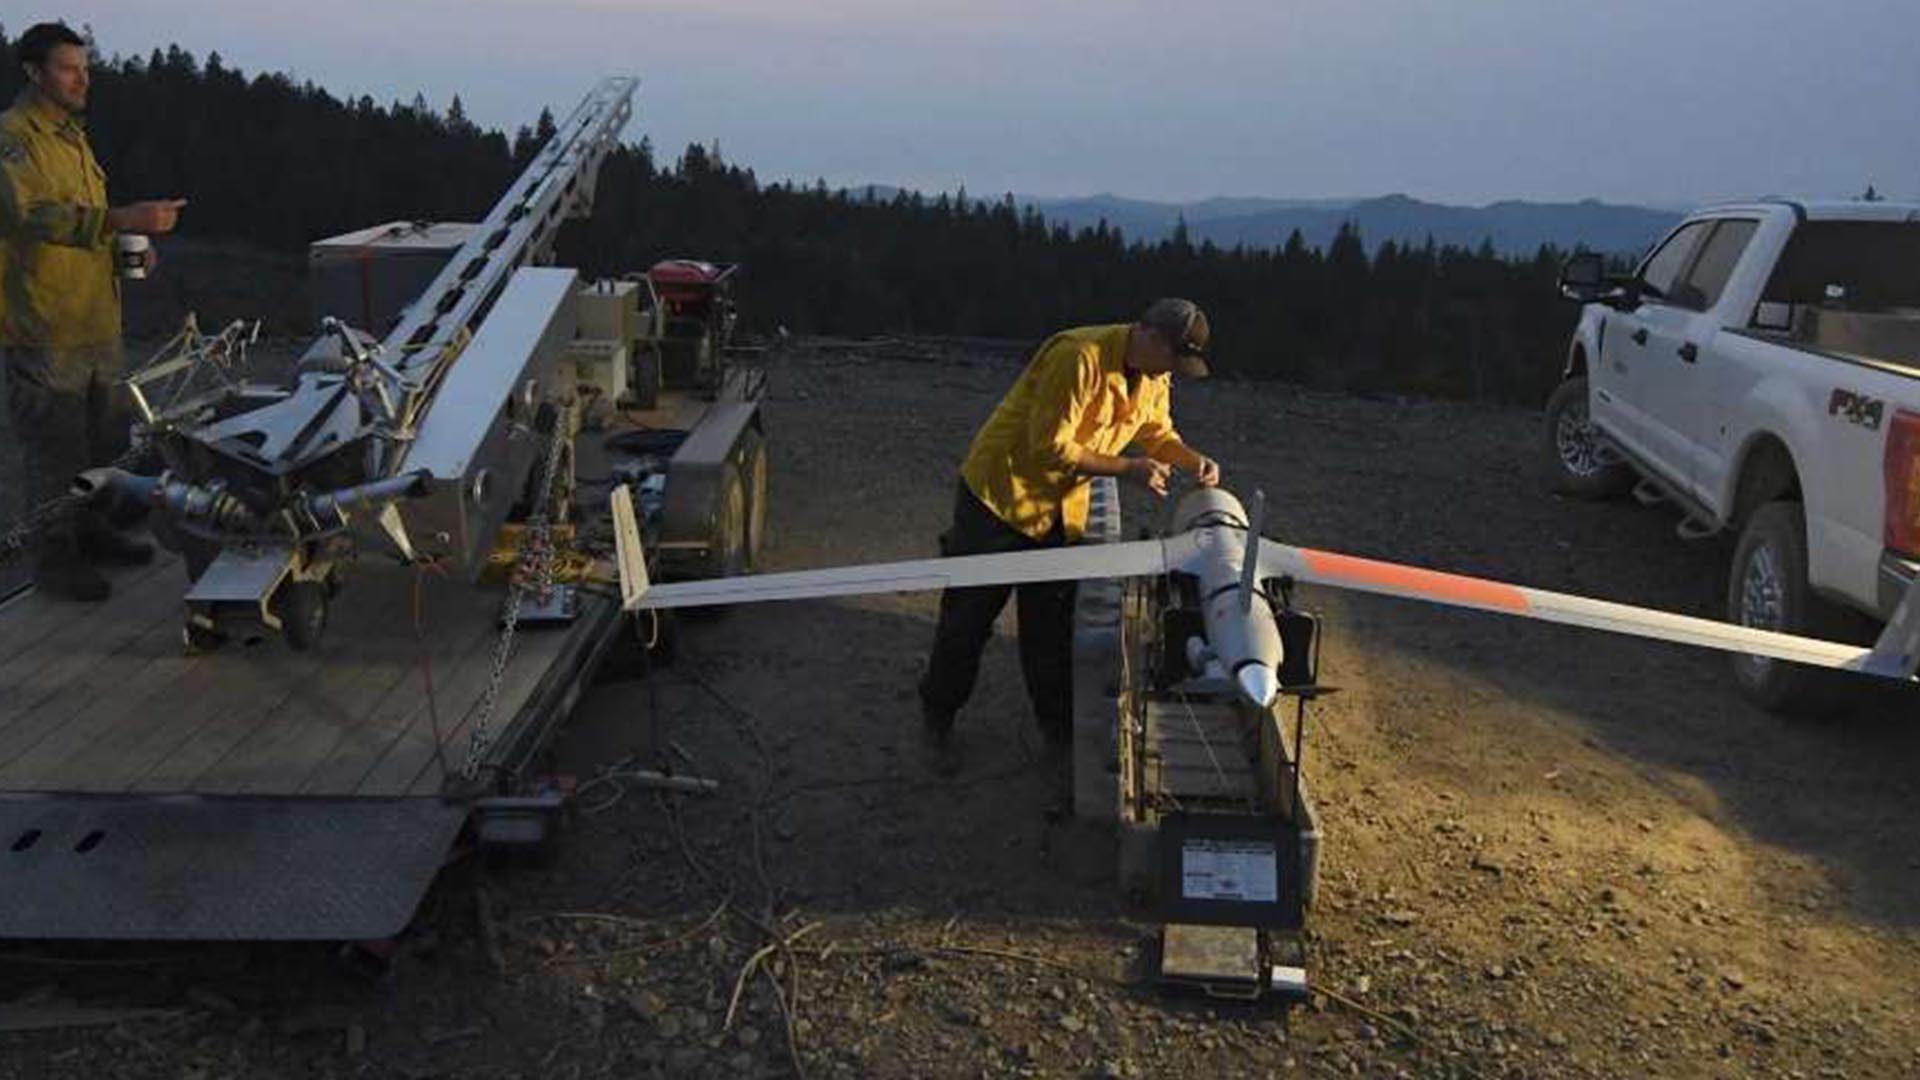 无人机可探测潜在山火 美国南俄勒冈州已广泛运用